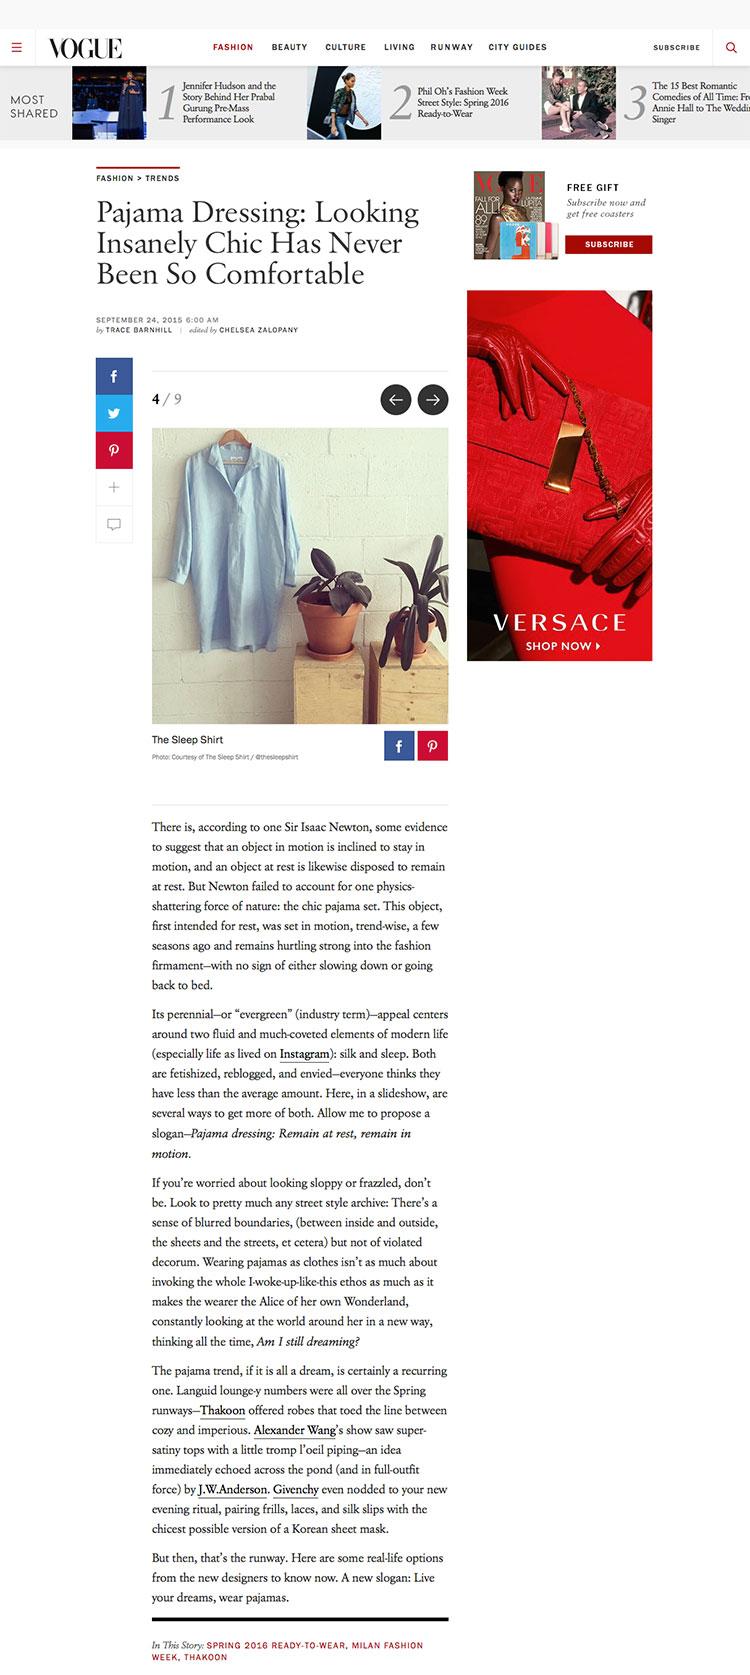 The-Sleep-Shirt---Vogue.com---24.09.15---F1